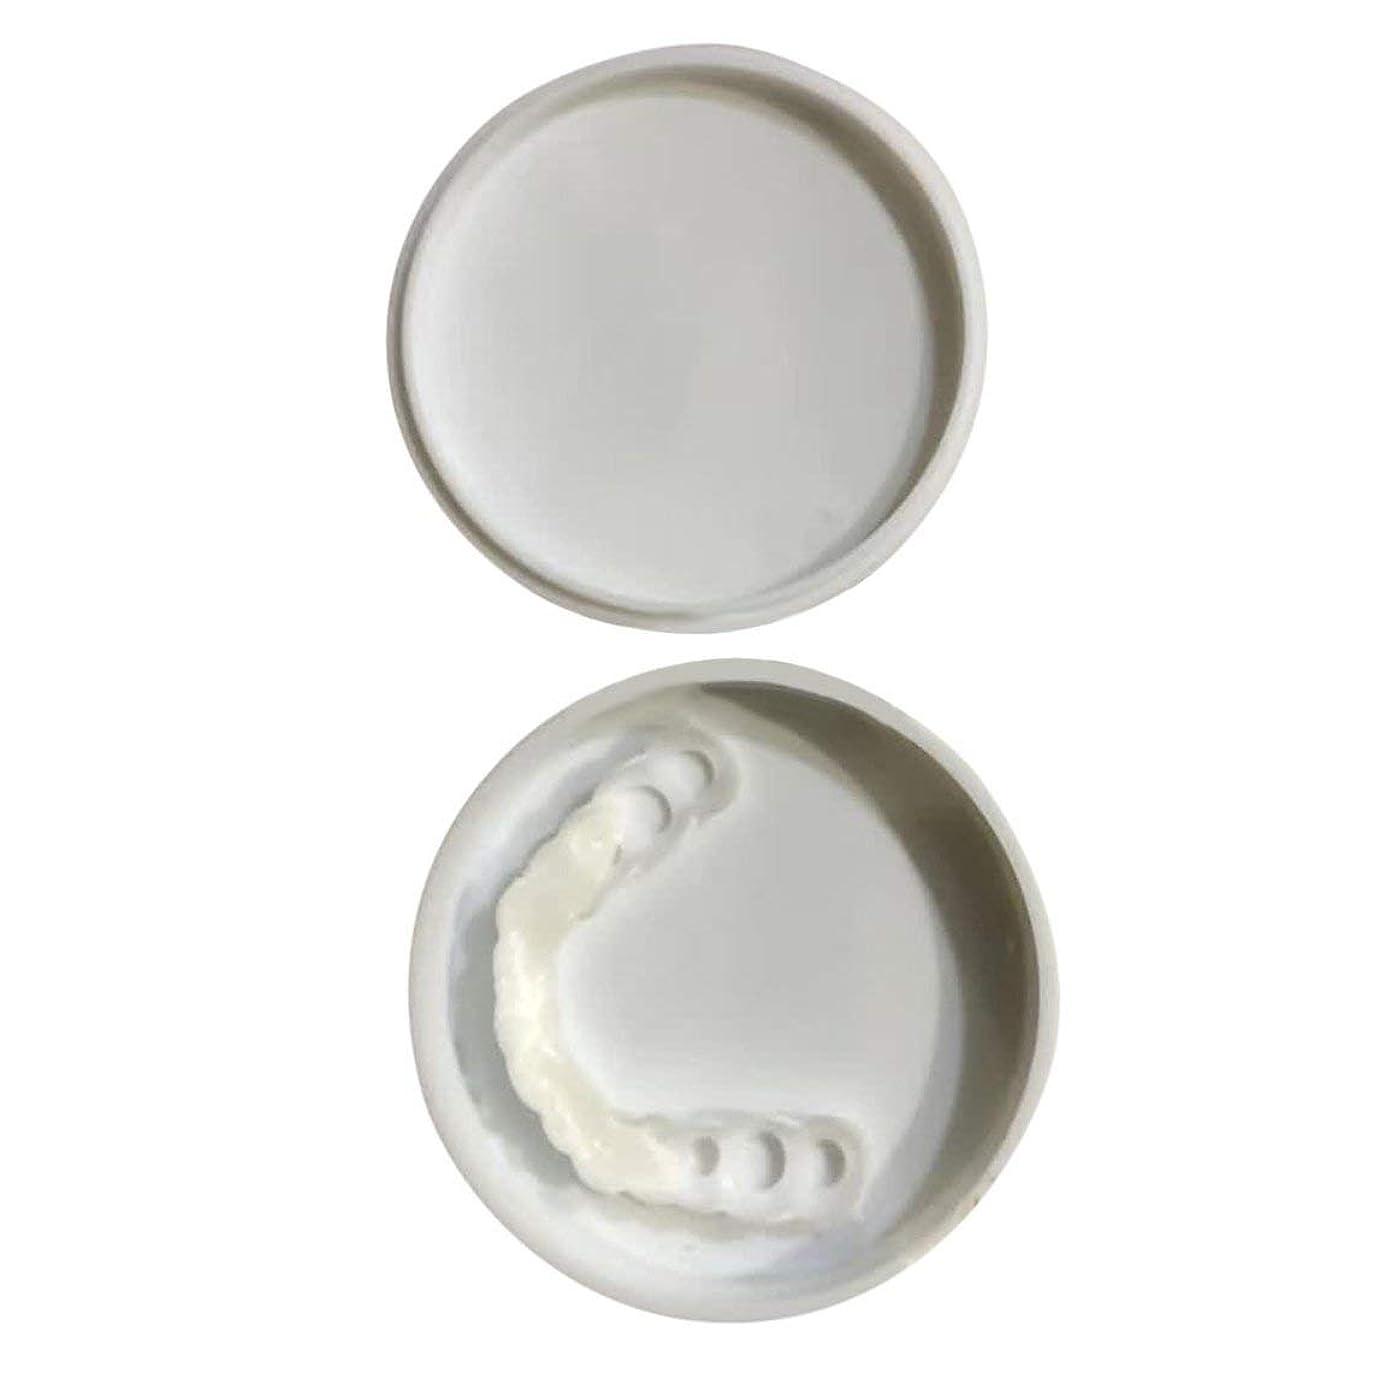 思い出懇願する昼寝快適なスナップオン男性女性歯インスタントパーフェクトスマイルコンフォートフィットフレックス歯フィットホワイトニング笑顔偽歯カバー - ホワイト